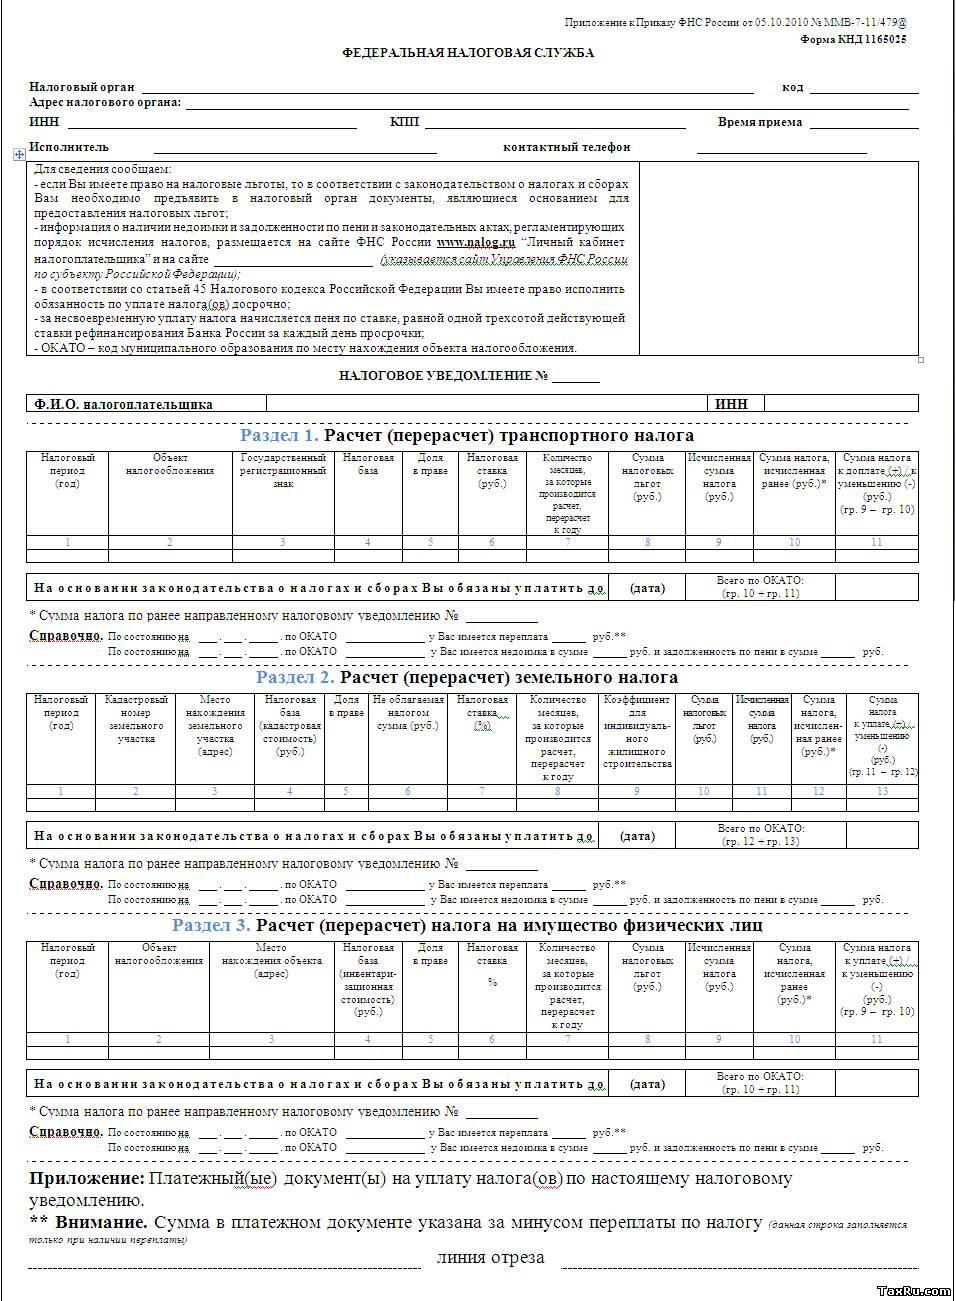 Начисление трансортного налога с даты покупки или с даты регистрации чем Олвин